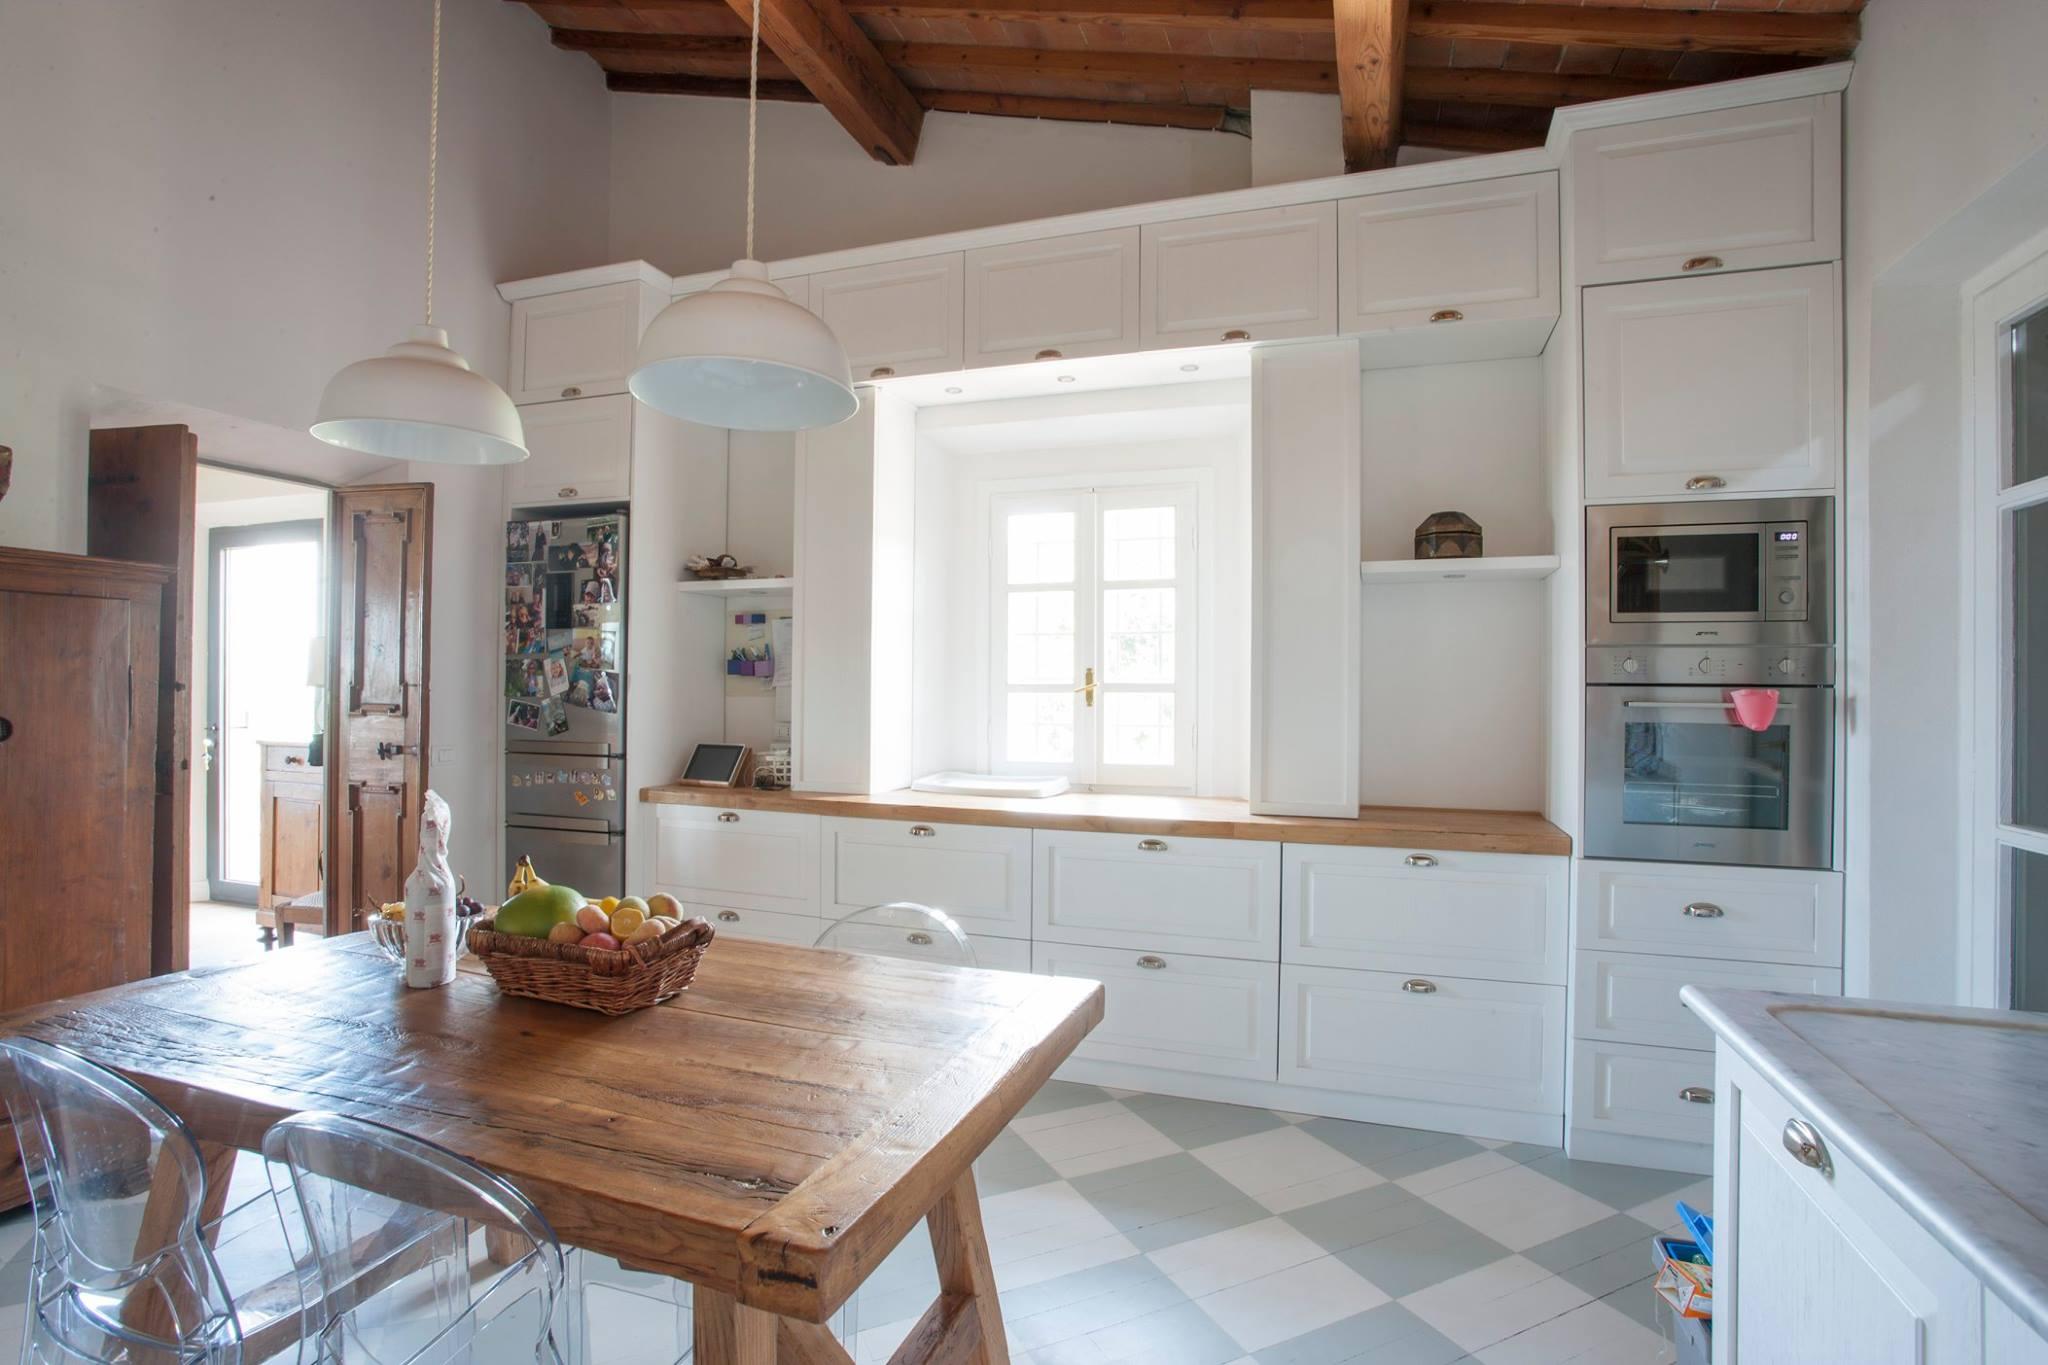 Arredamento Per Casali cucina su misura | arredamenti su misura roma